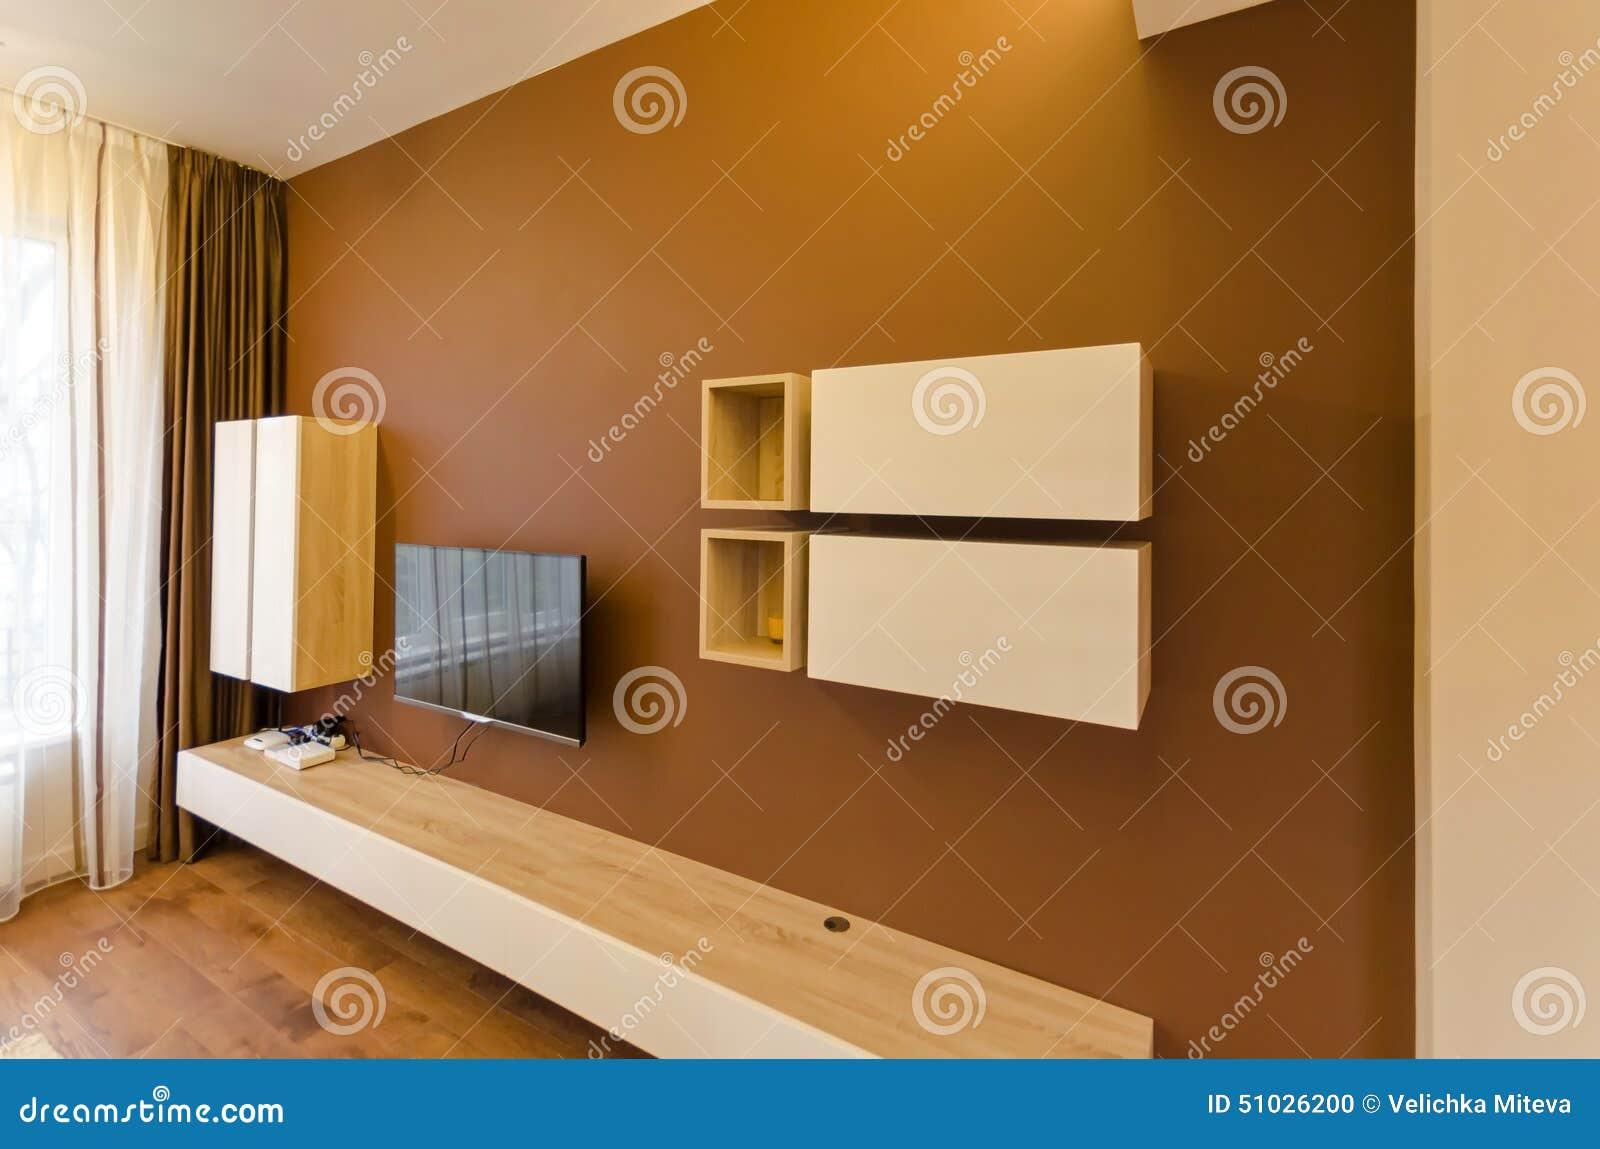 Muur In Woonkamer Met Kast En TV Stock Foto - Afbeelding bestaande ...